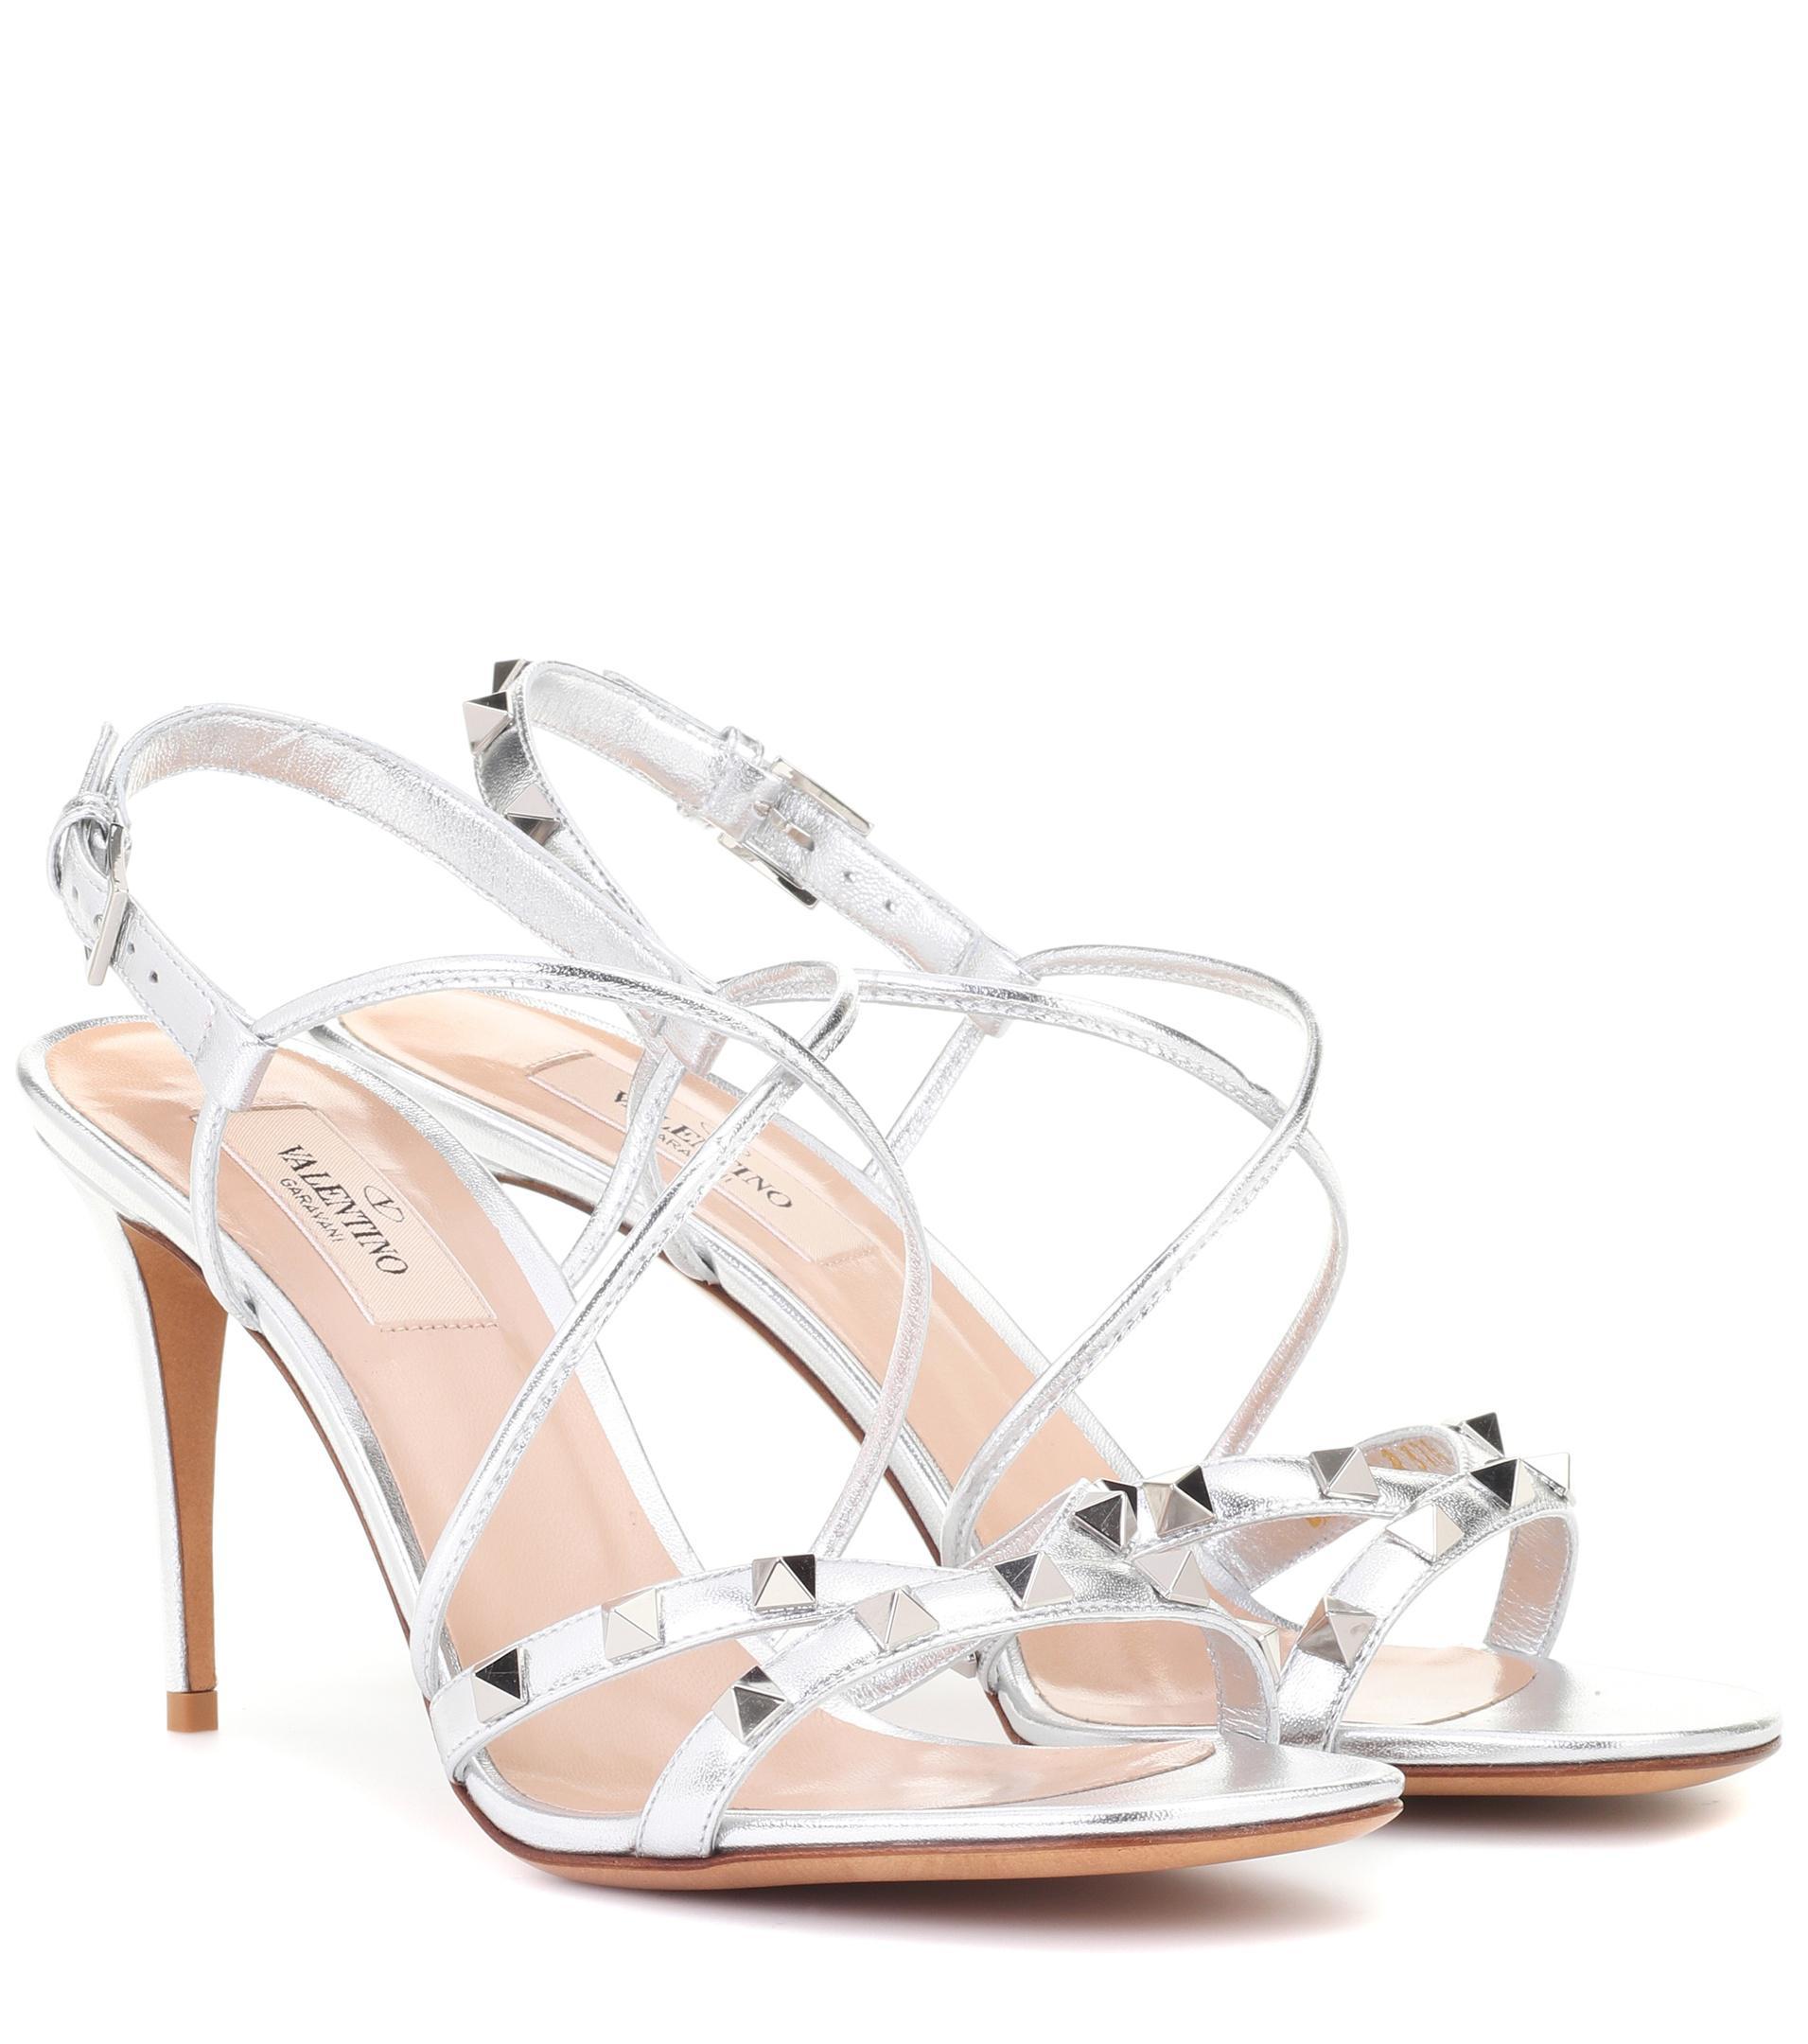 64ce0dd572fa Valentino Garavani Free Rockstud Leather Sandals in Metallic - Lyst